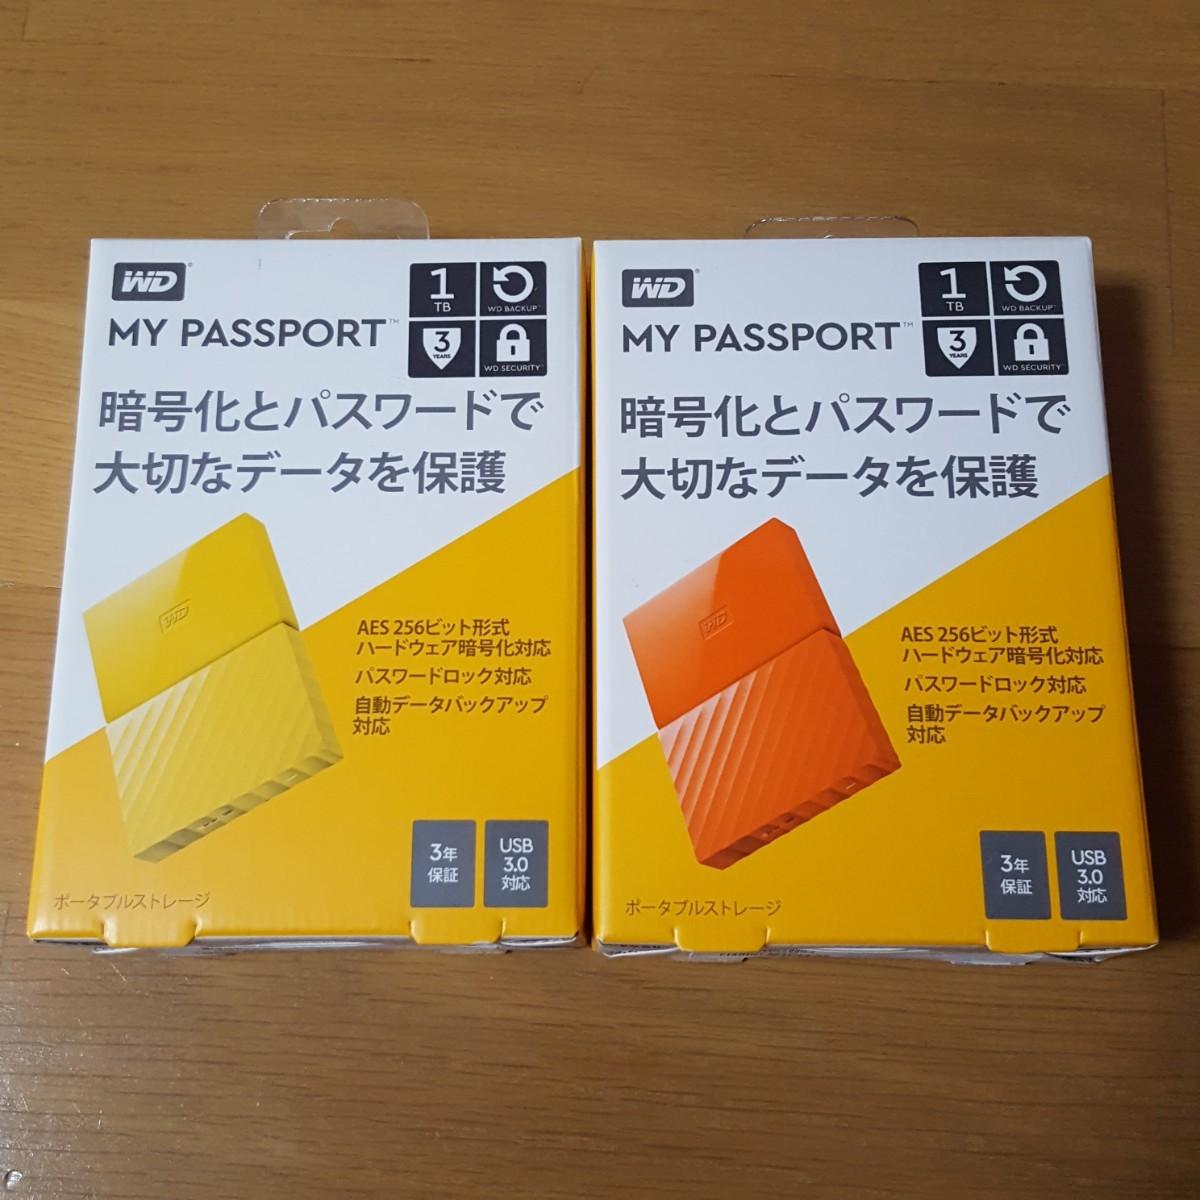 保証あり 新品未開封 1TB 2台 Passport ポータブルHDD ポータブルハードディスク USB3.0 ウエスタンデジタル